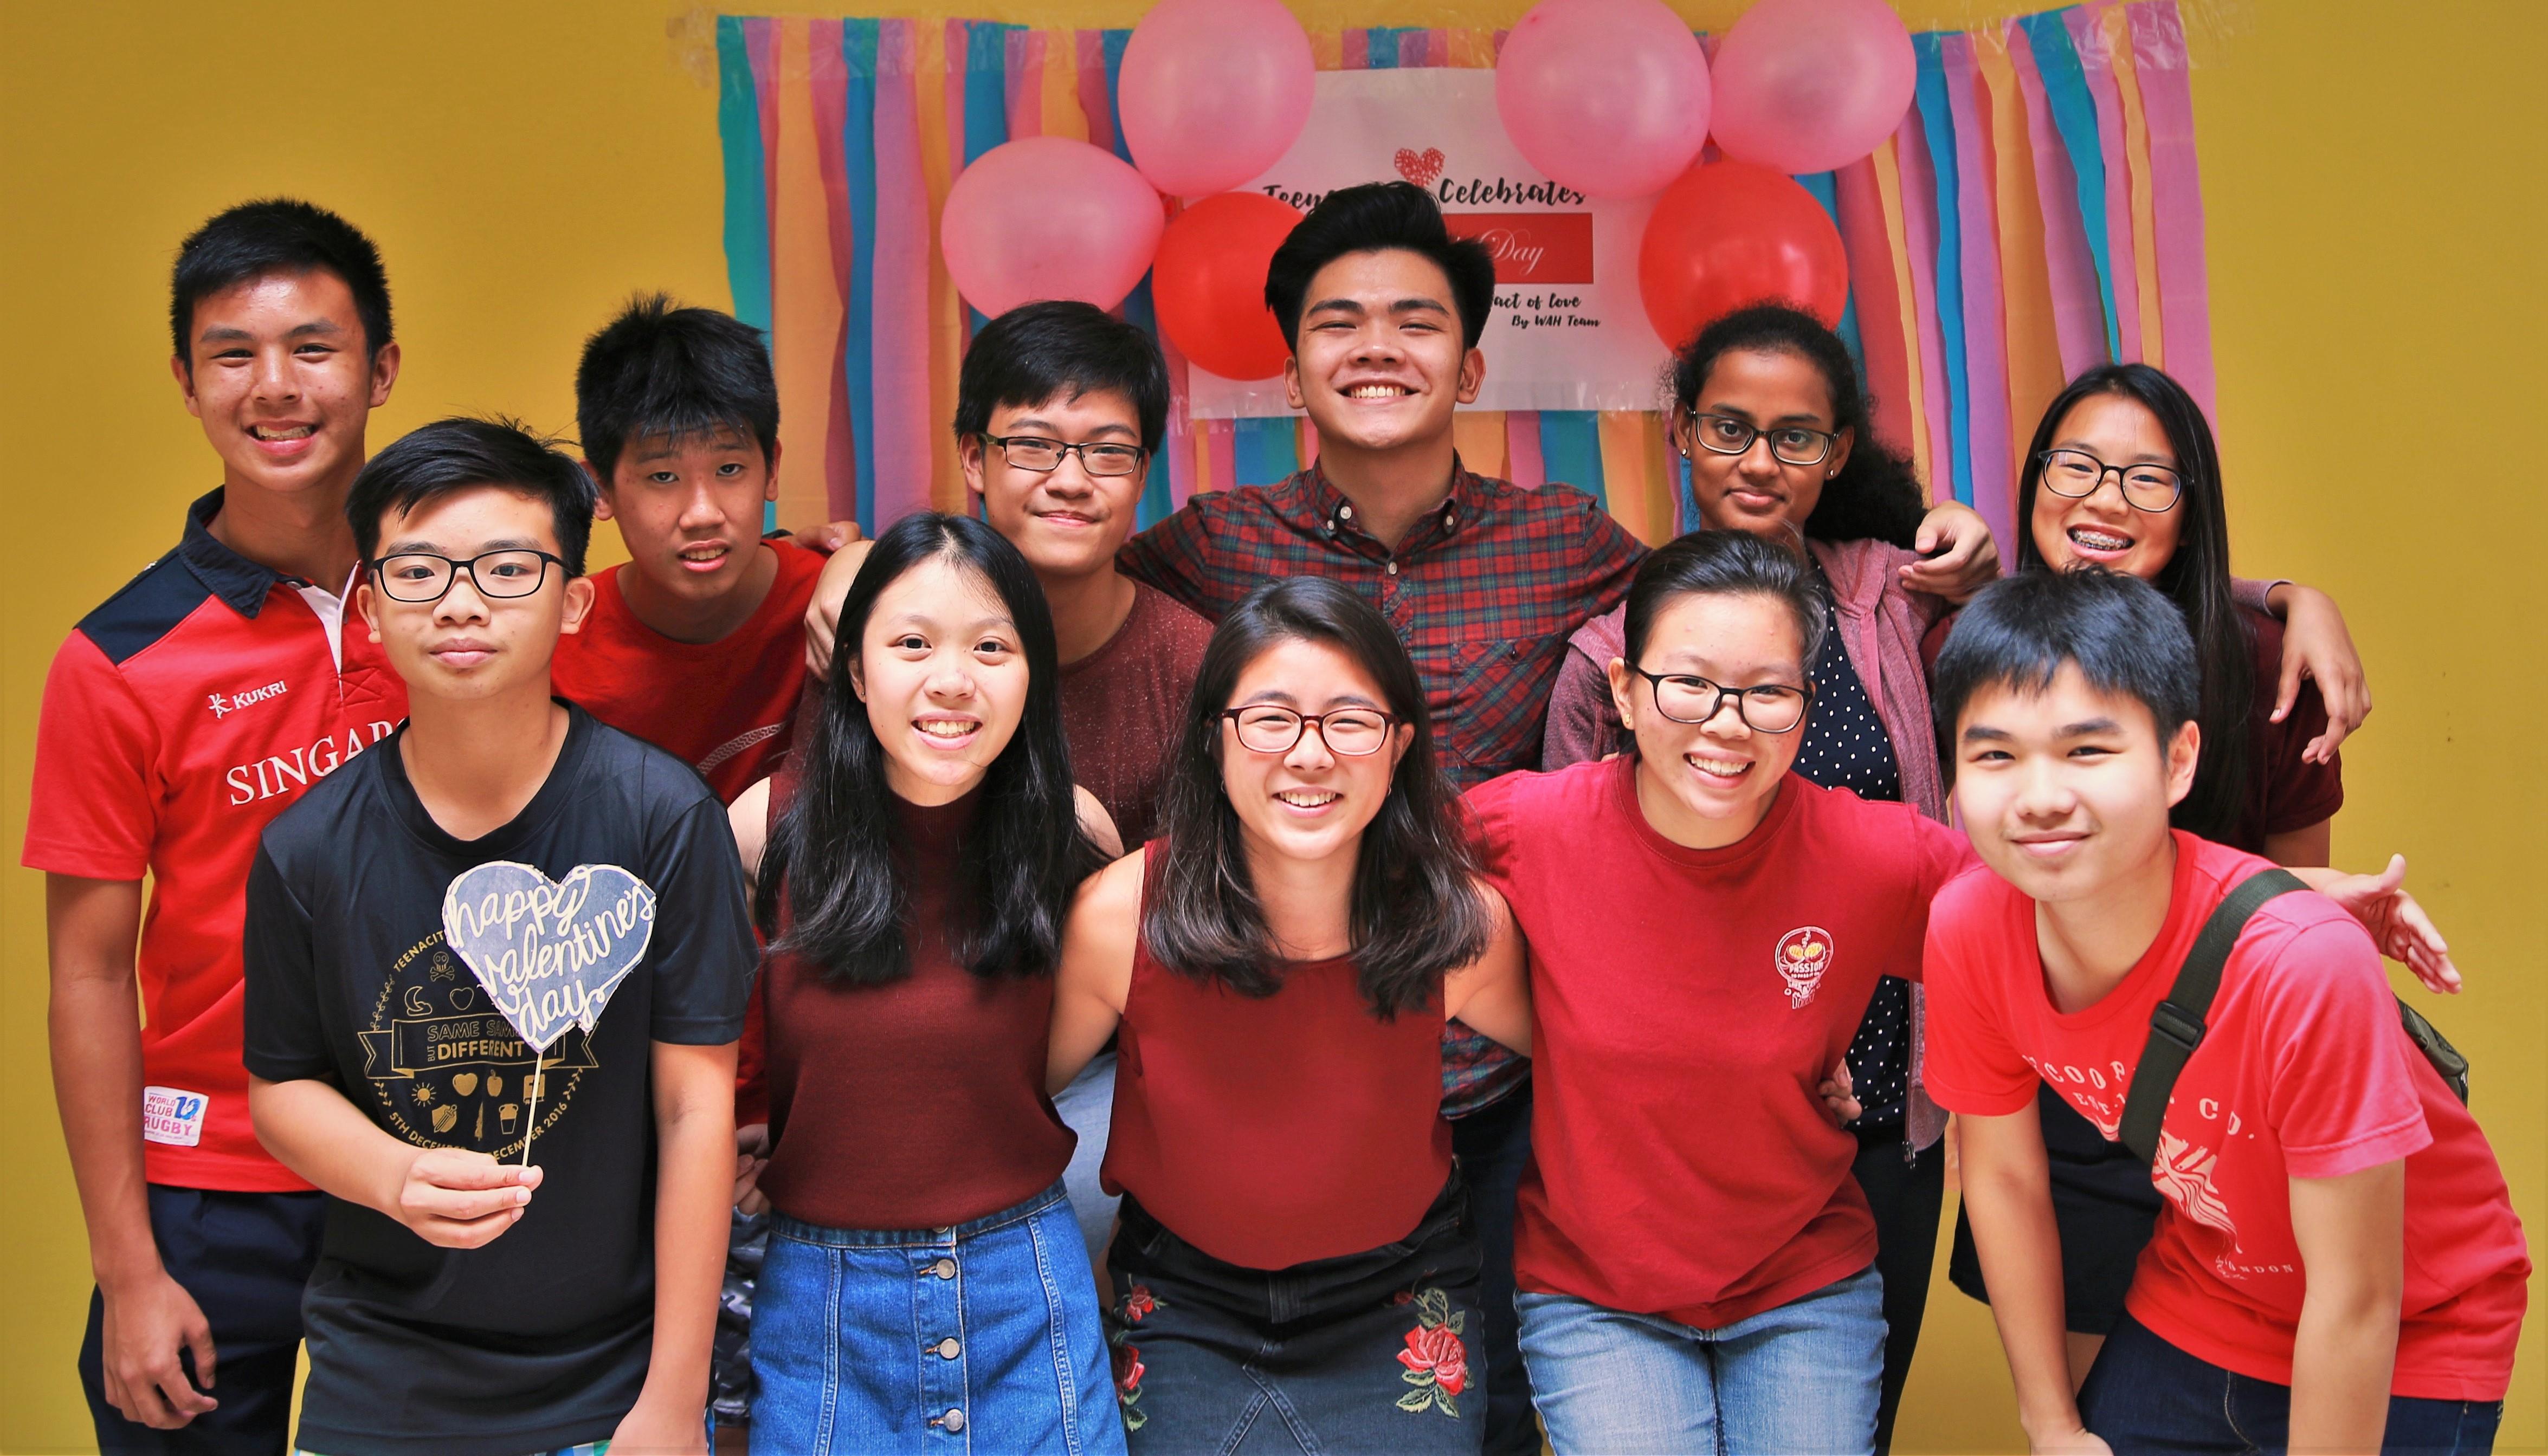 5. WAH Team